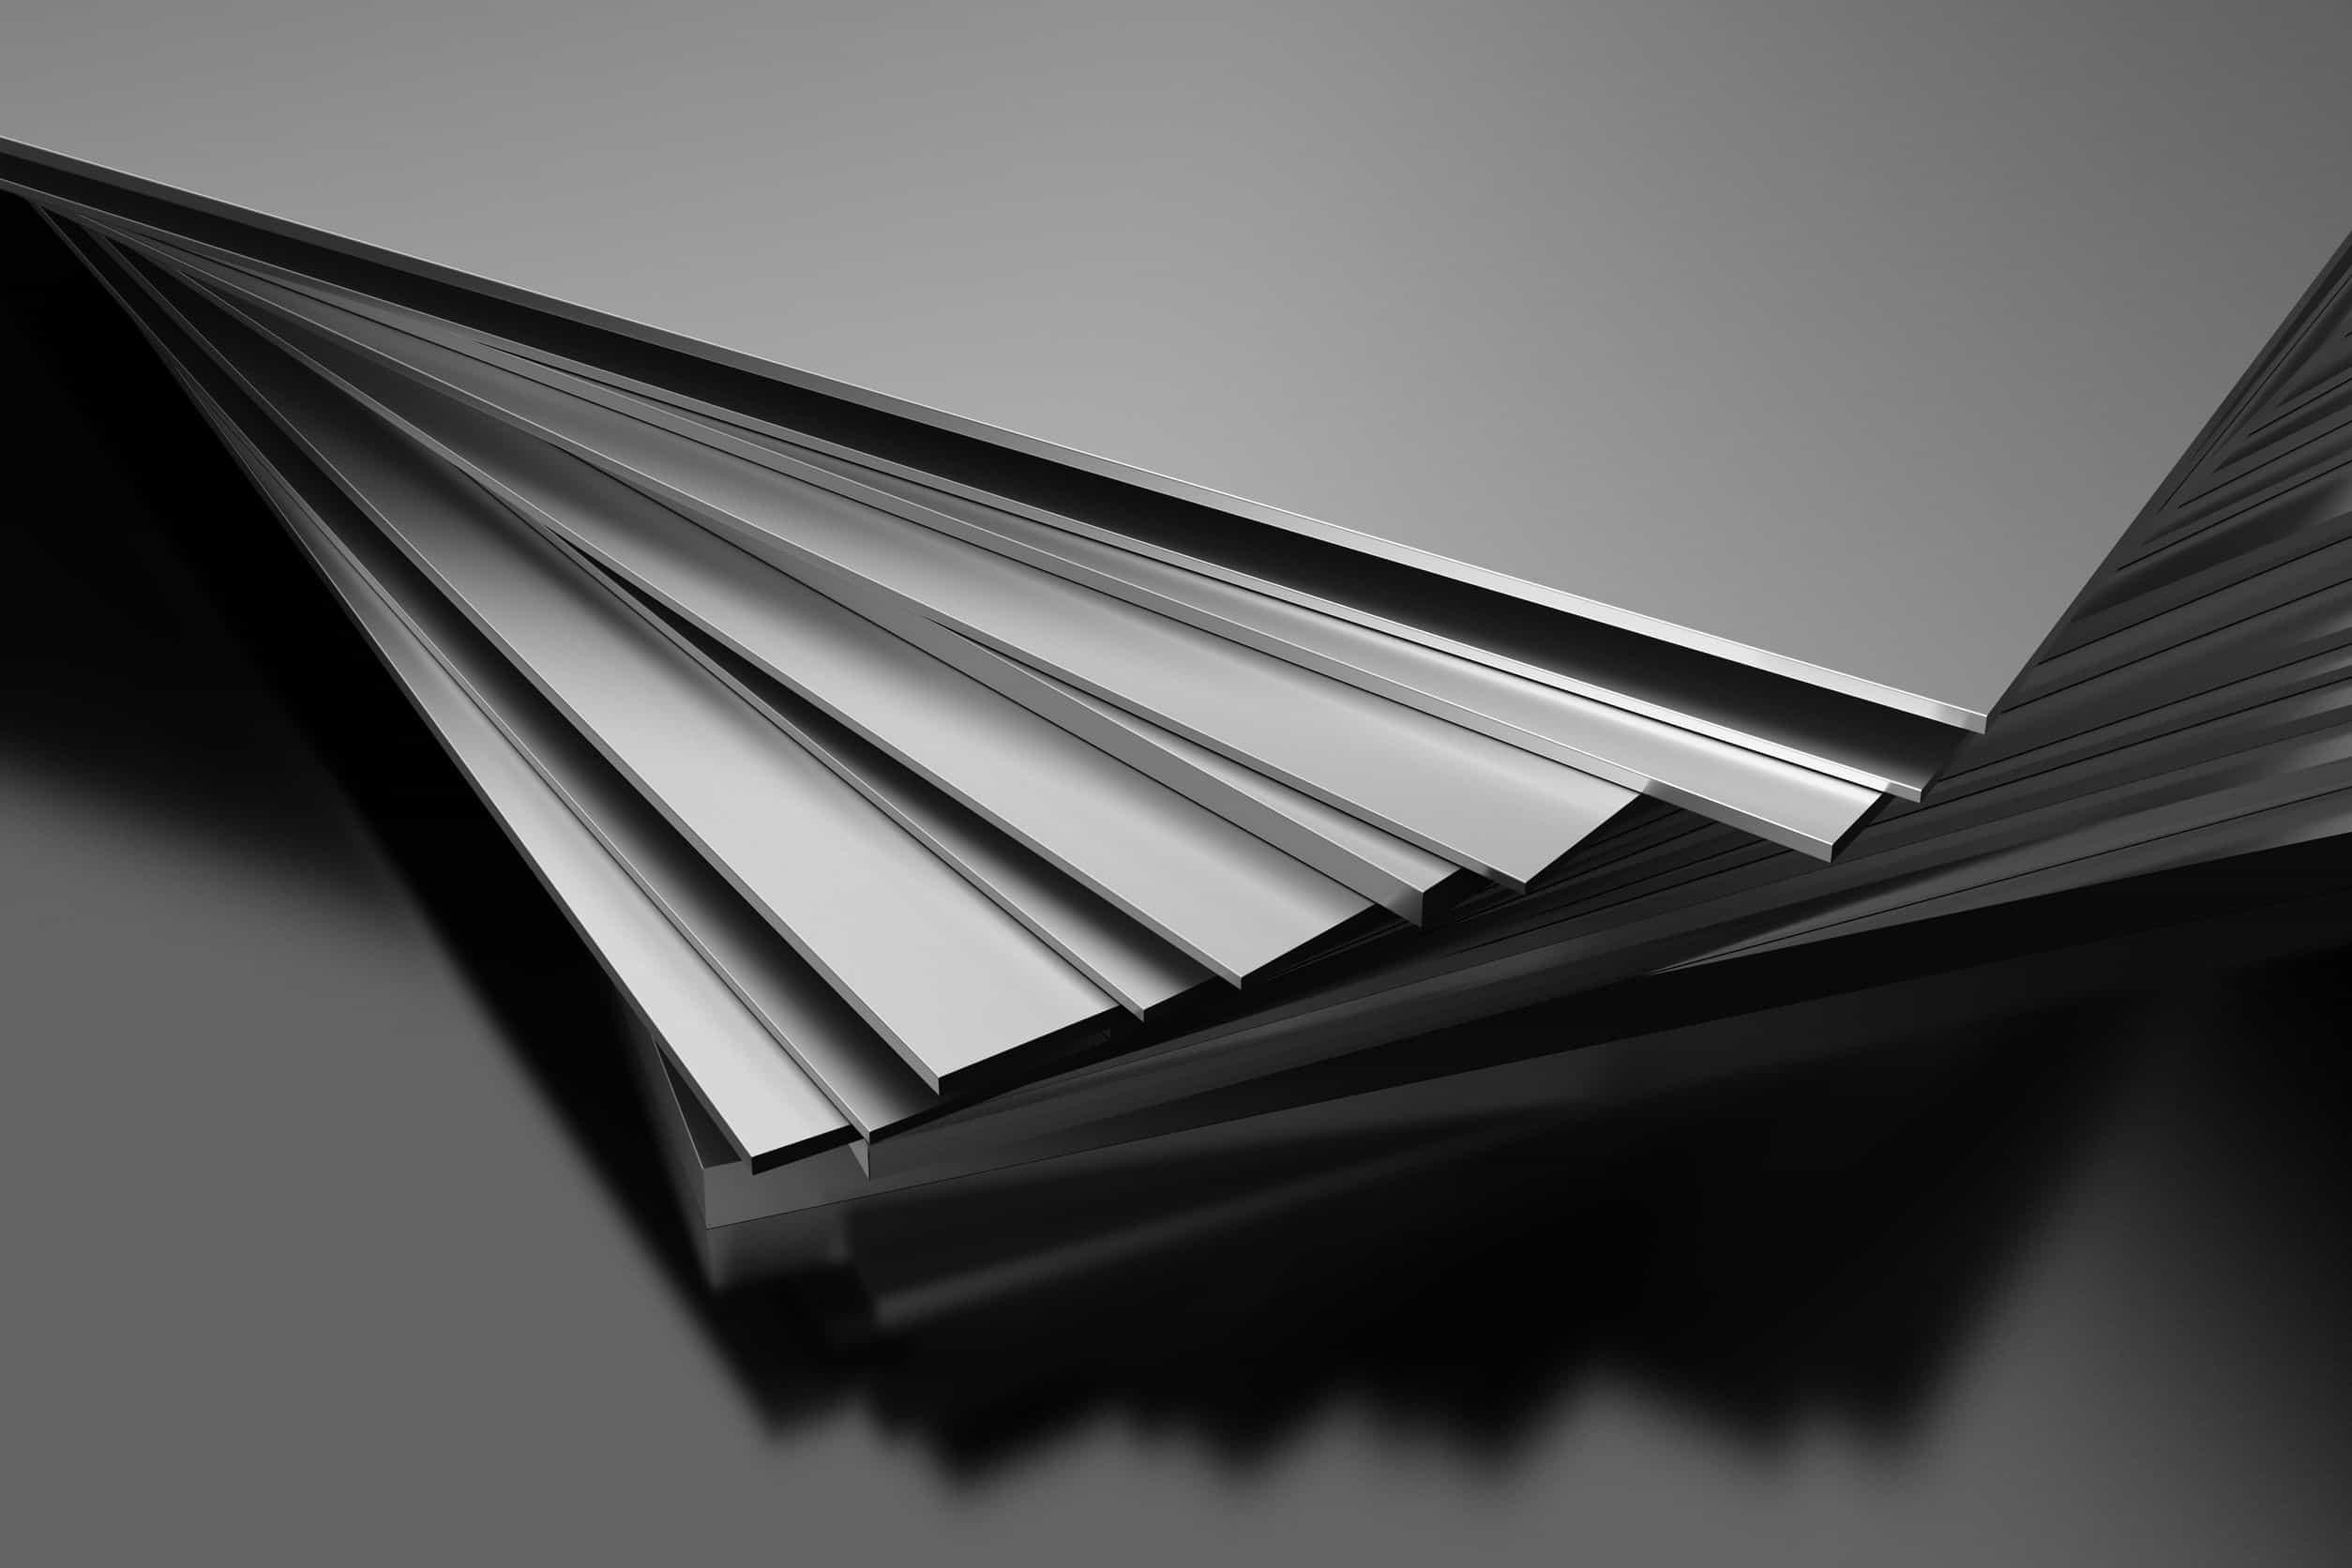 Metallkleber: Test & Empfehlungen (04/20)